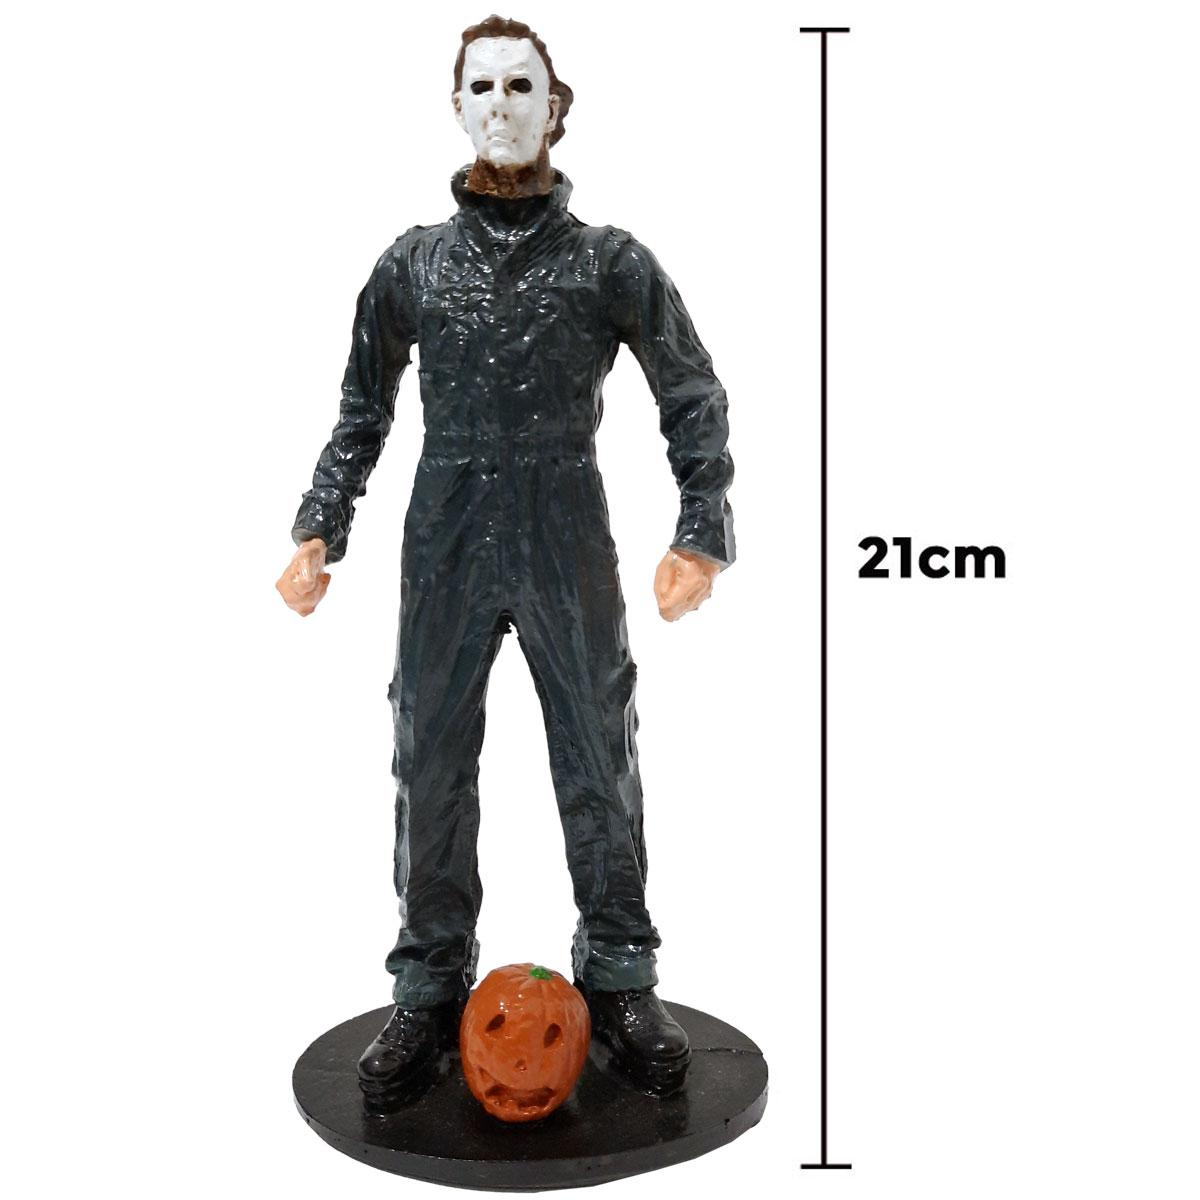 Boneco Halloween Michael Myers Action Figure